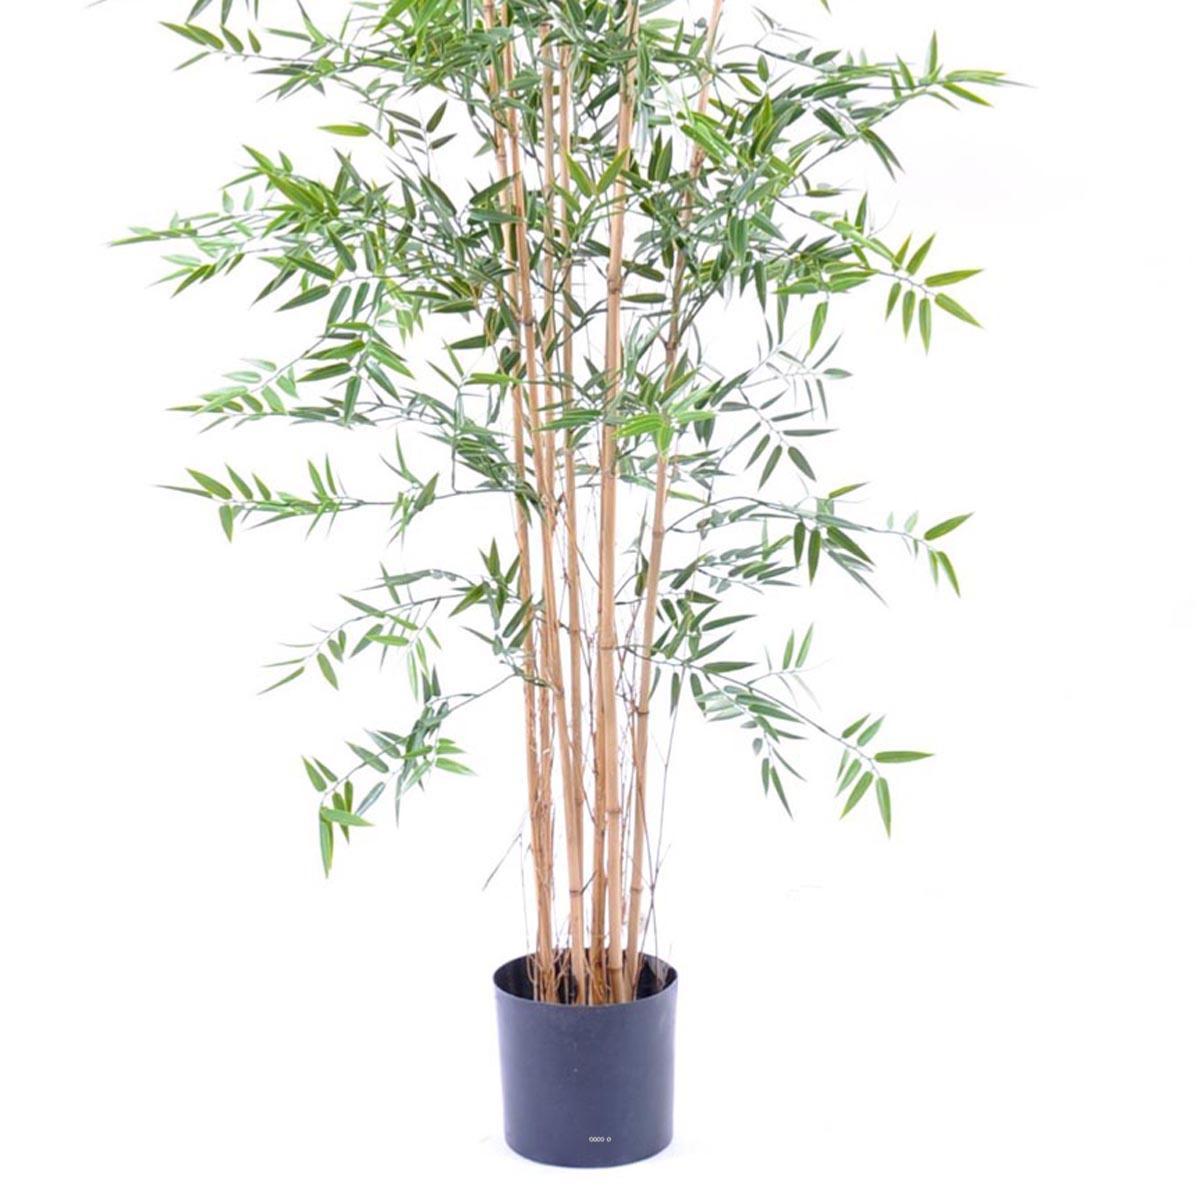 bambou artificiel en pot special uv pour exterieur h 210 cm vert